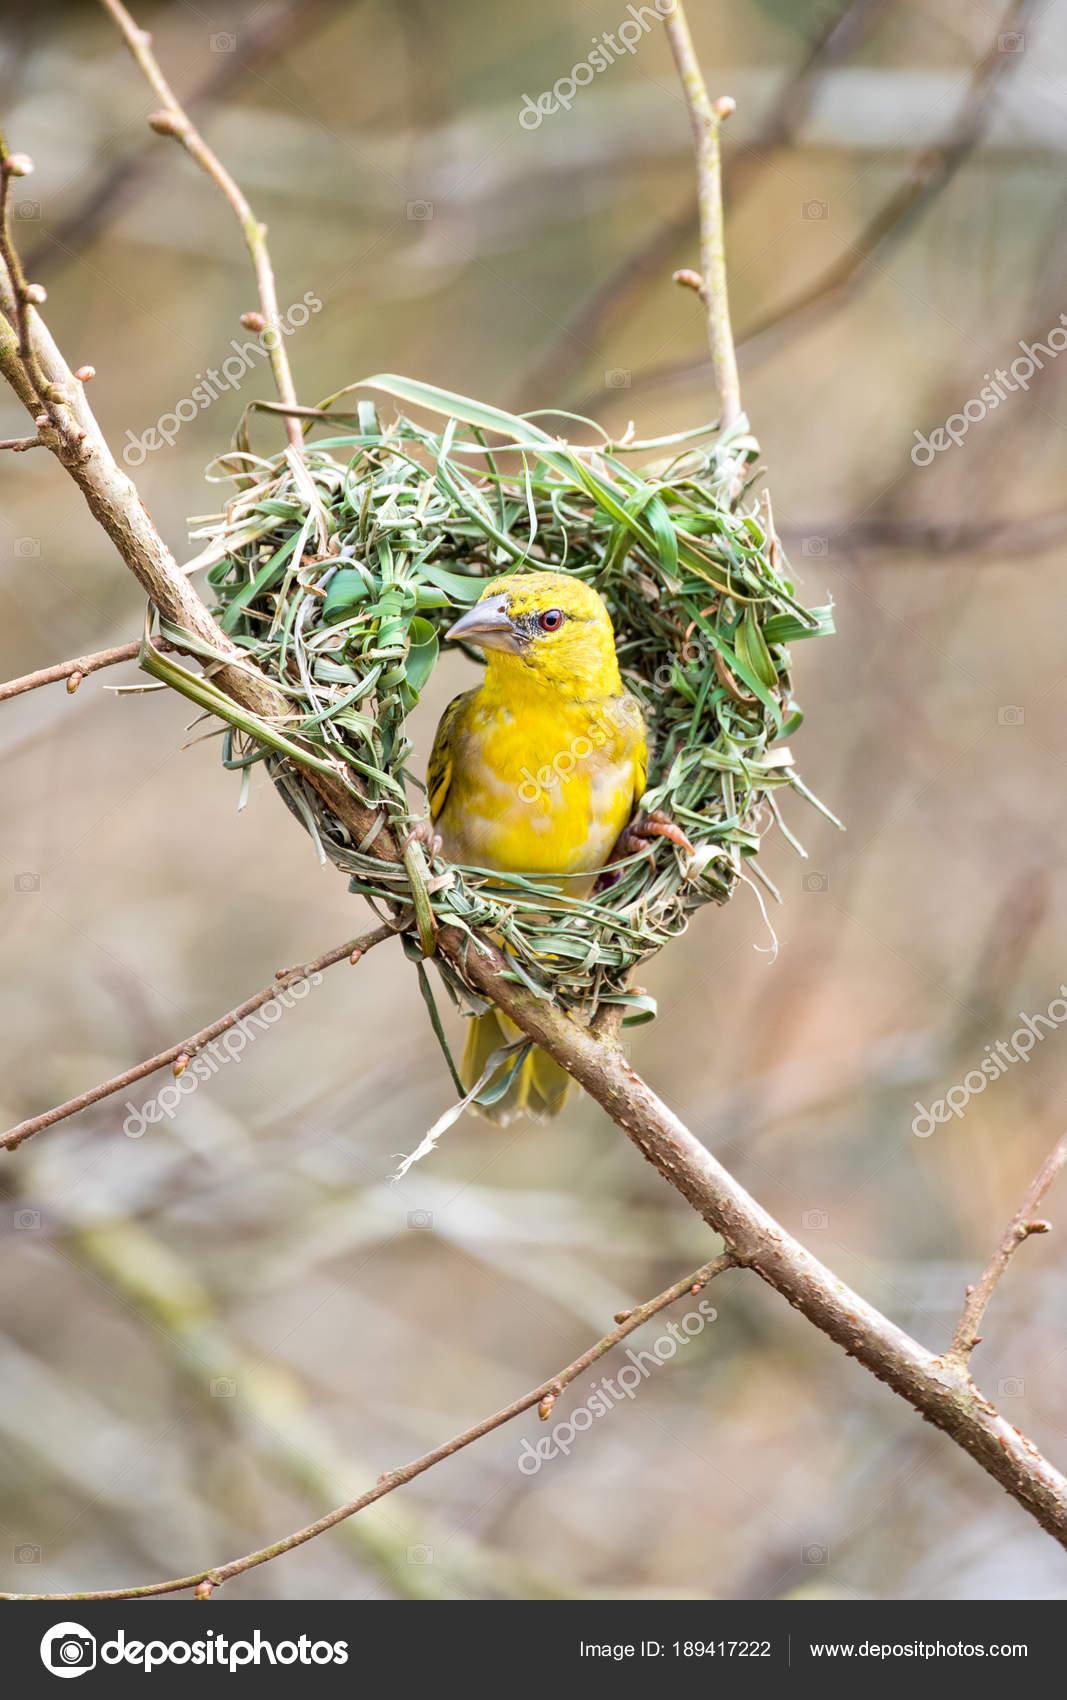 Pictures Birds Building Nests Weaver Bird Building Nest